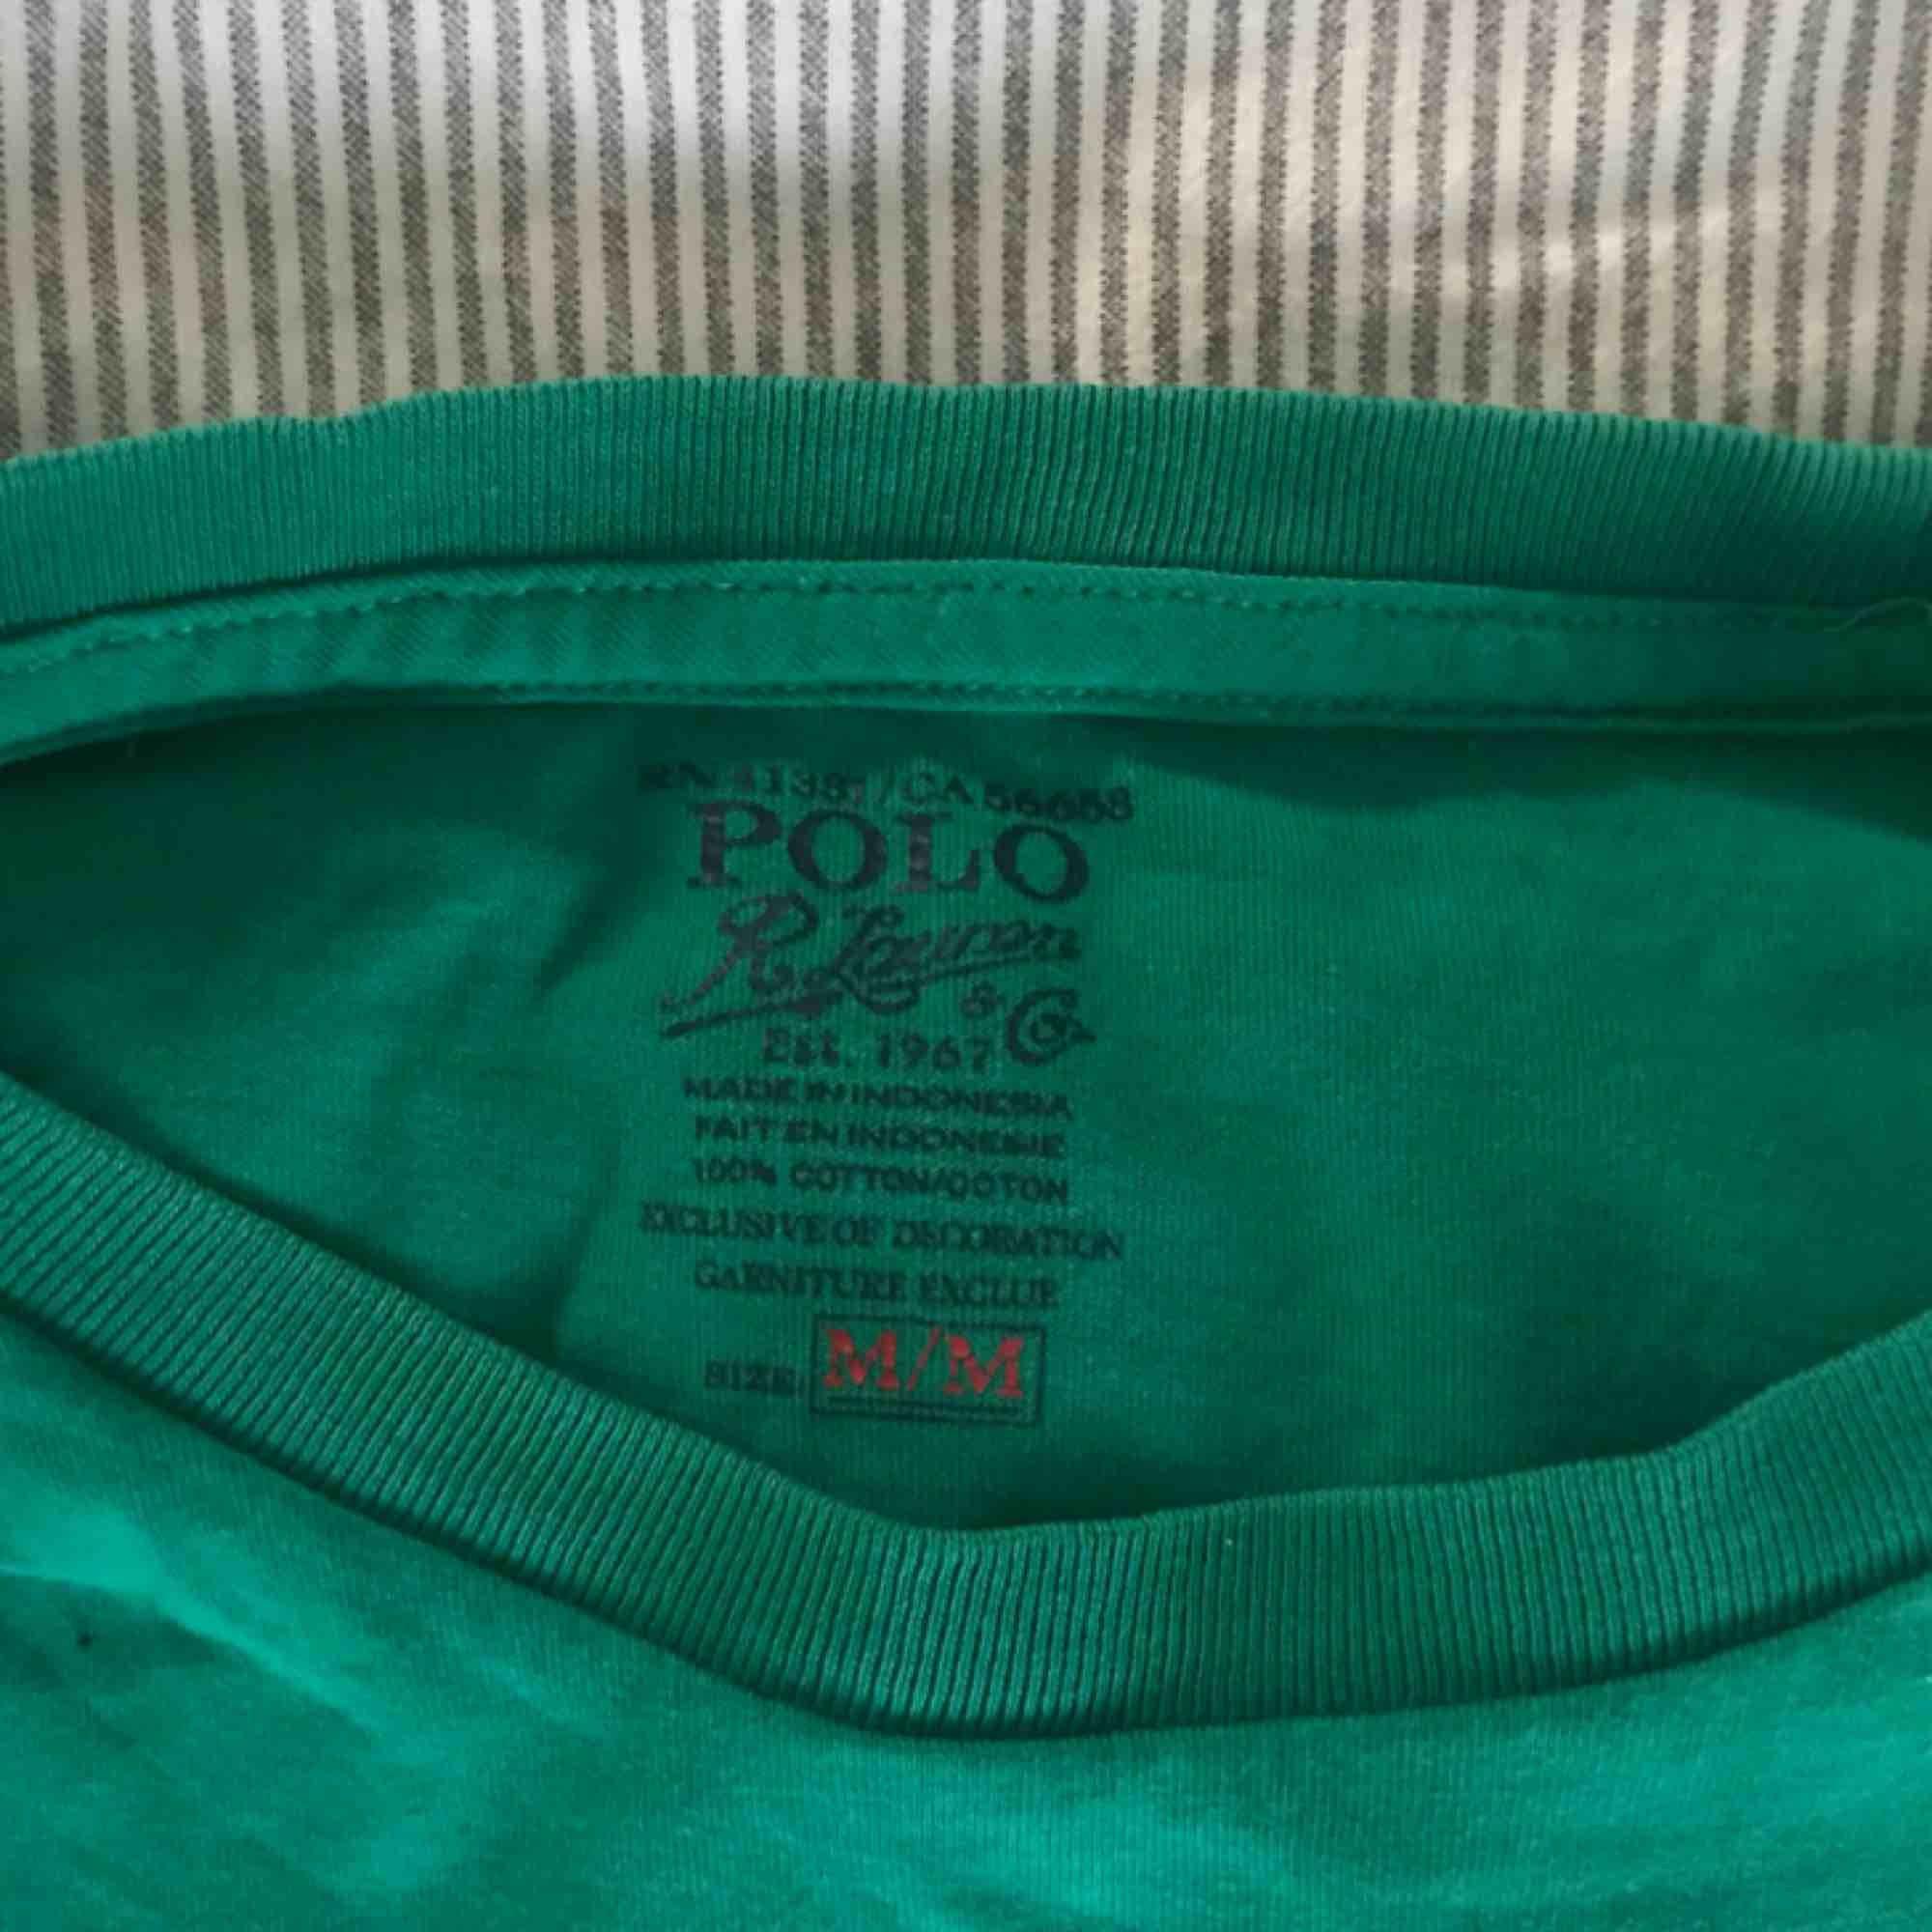 Herr tshirt men som funkar lika bra för dam. Storlek M. Den funkar bra oversize instoppad tex.🤩 bra skick, grön basic tshirt men med gul Ralph lauren logga!🥰 😉SÄLJER ÄVEN FLER LIKNANDE T-SHIRTS (bla en exakt lika med orange logga)😉 (självklart äkta). Toppar.